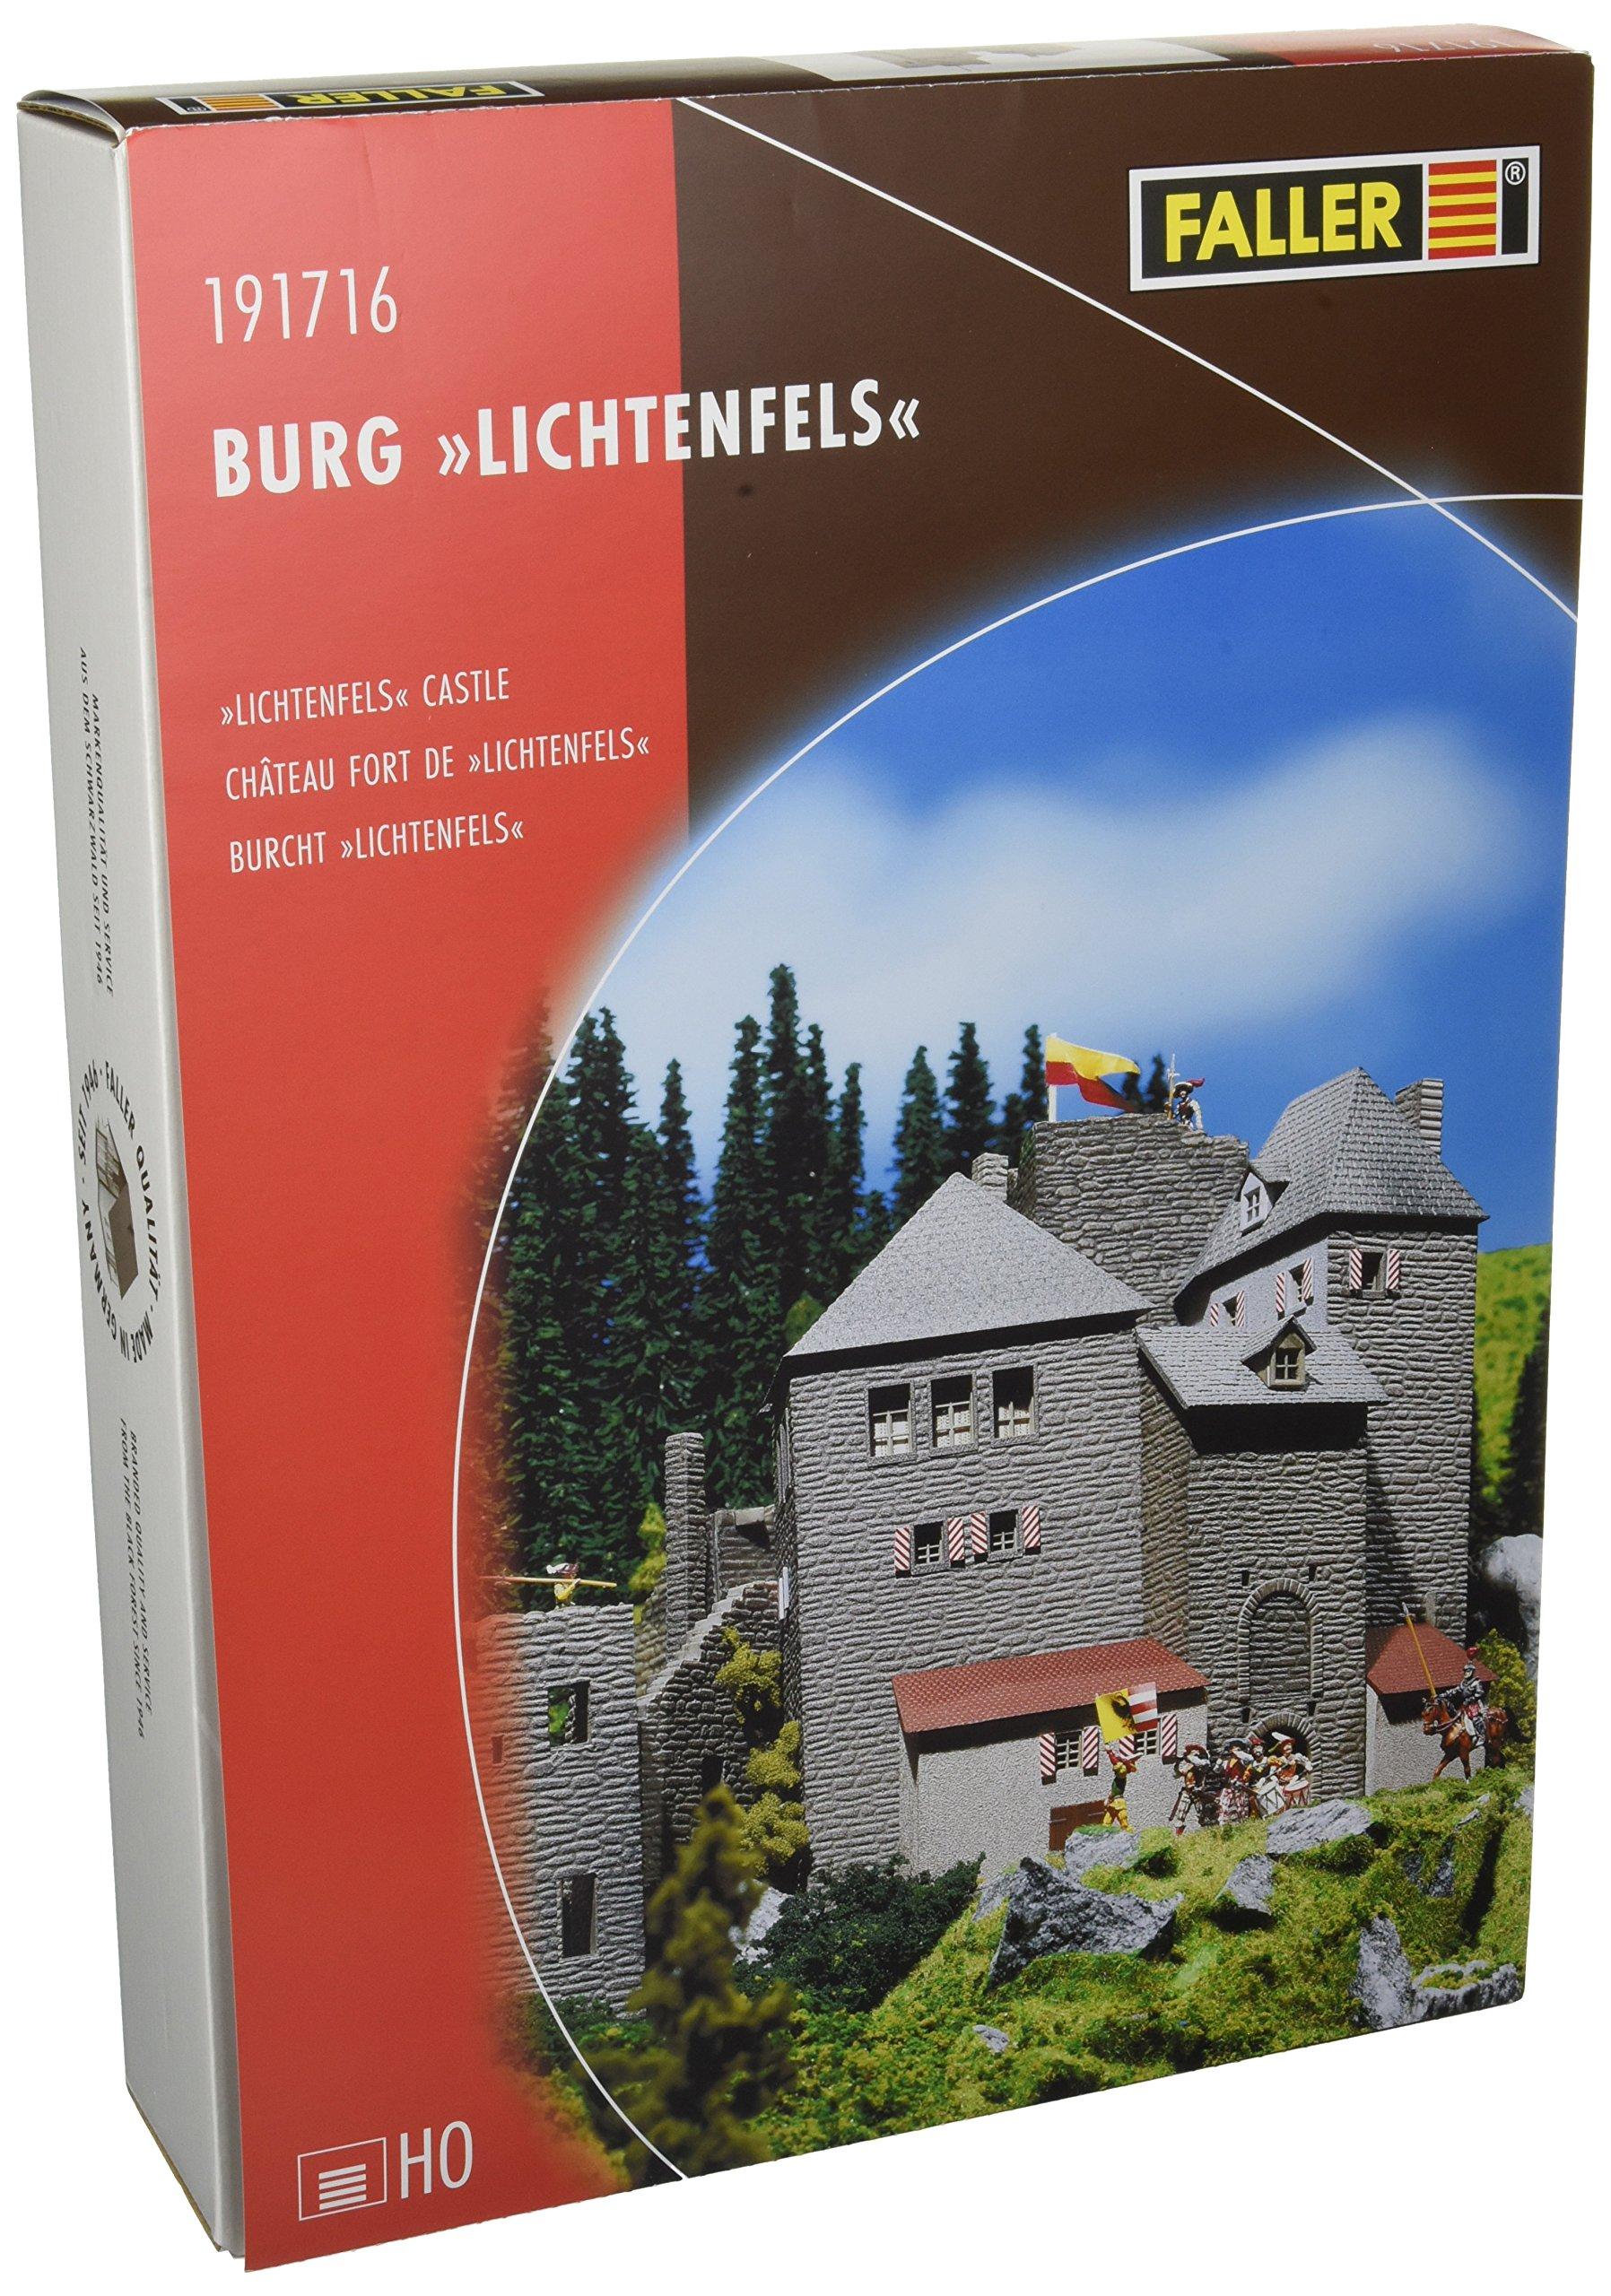 Faller 191716 Lichtenfels Castle HO Scale Model